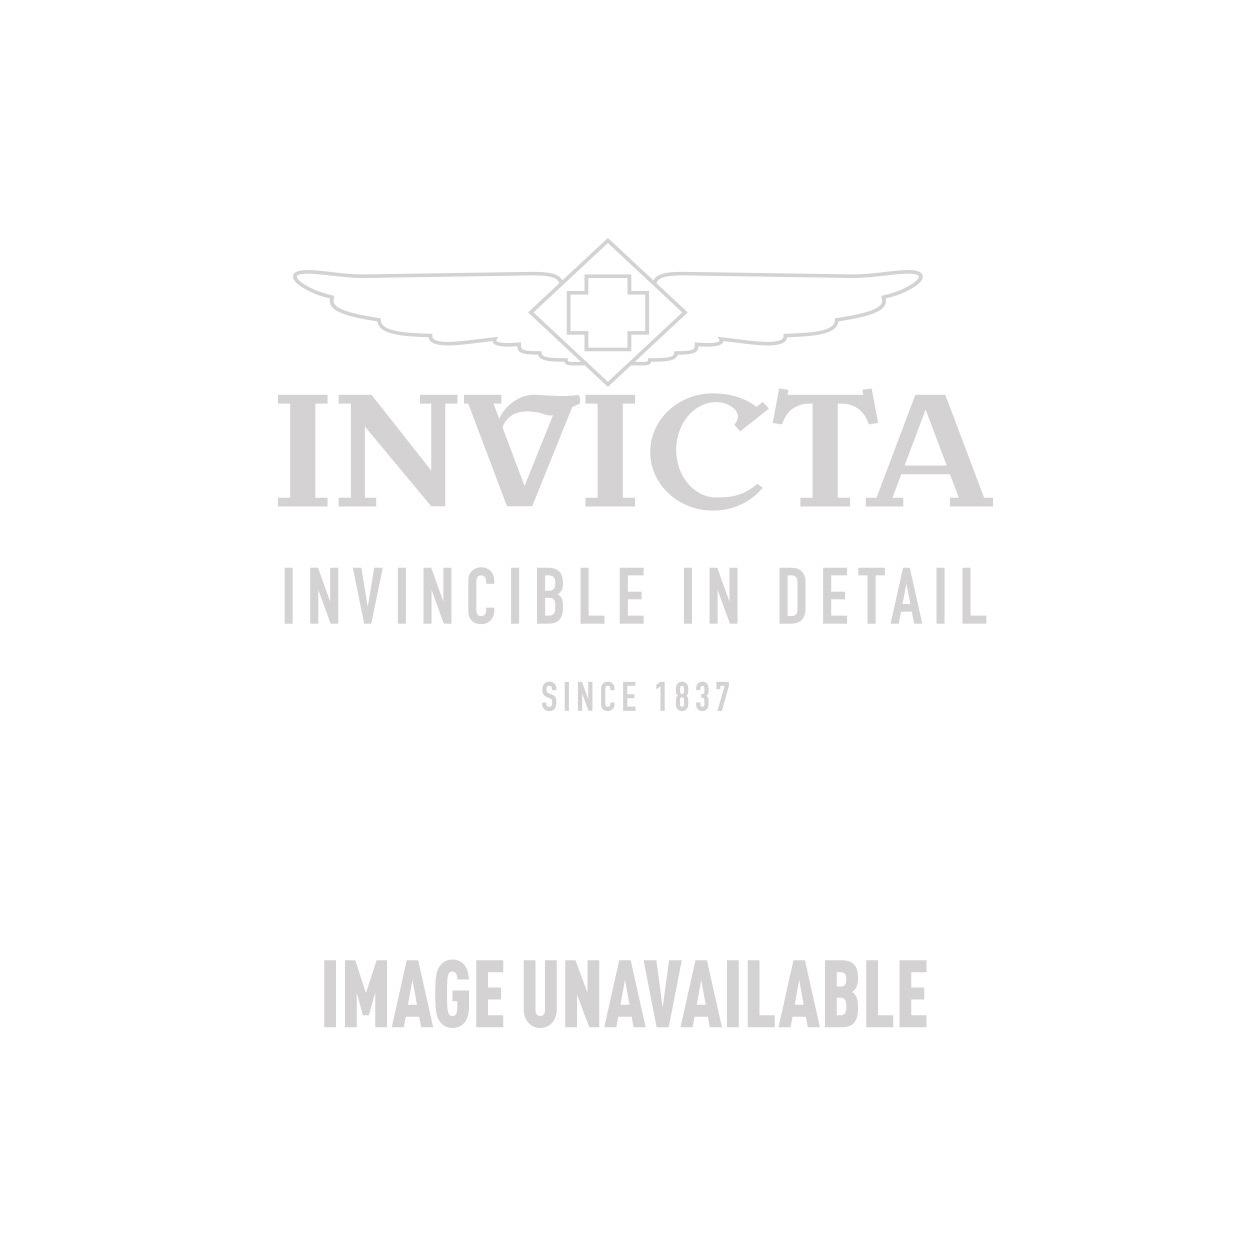 Invicta Model 27488